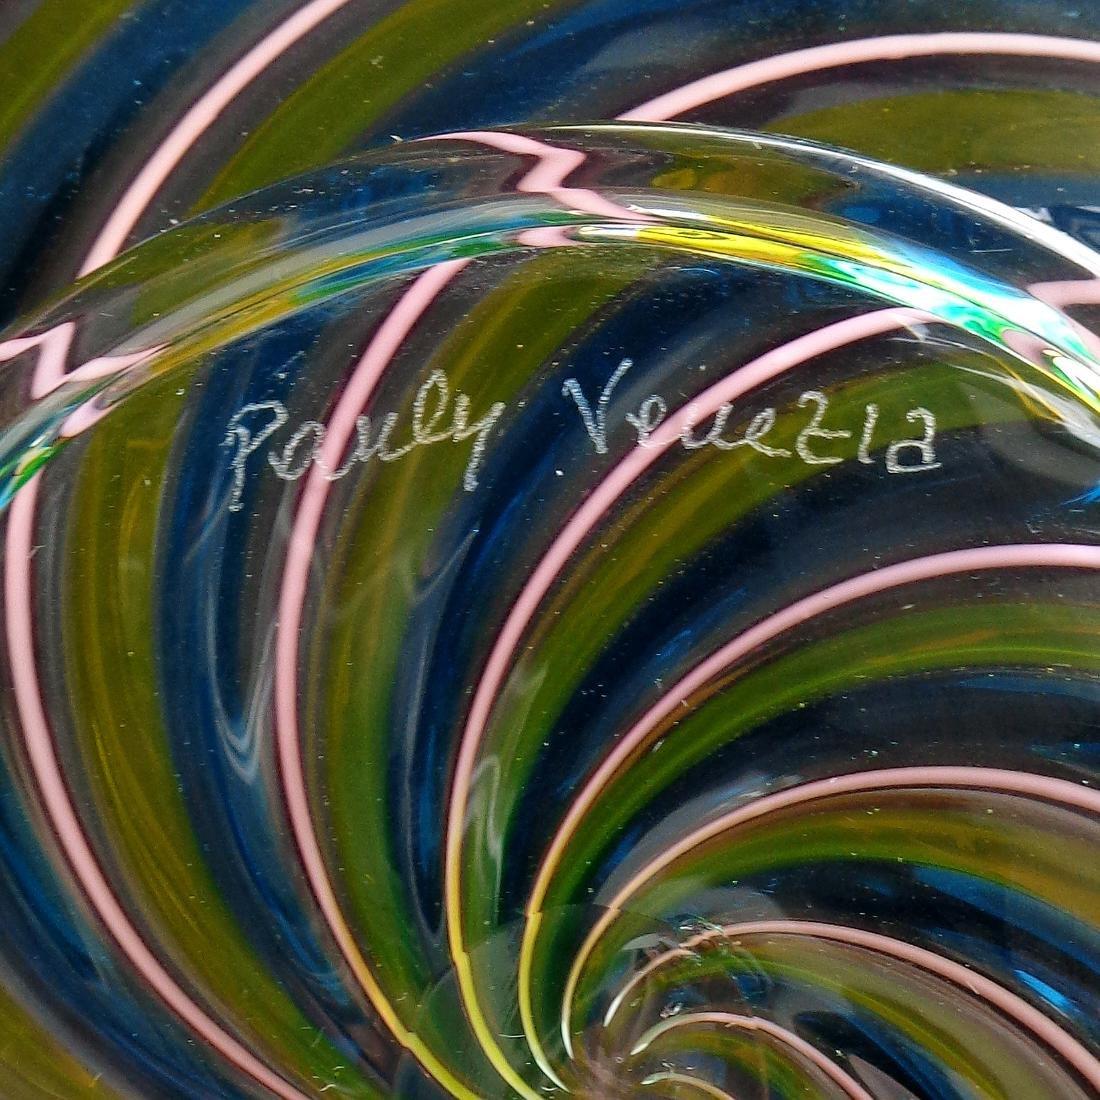 Pauly Venezia Murano Swirl Ribbons Art Glass Bowl - 3